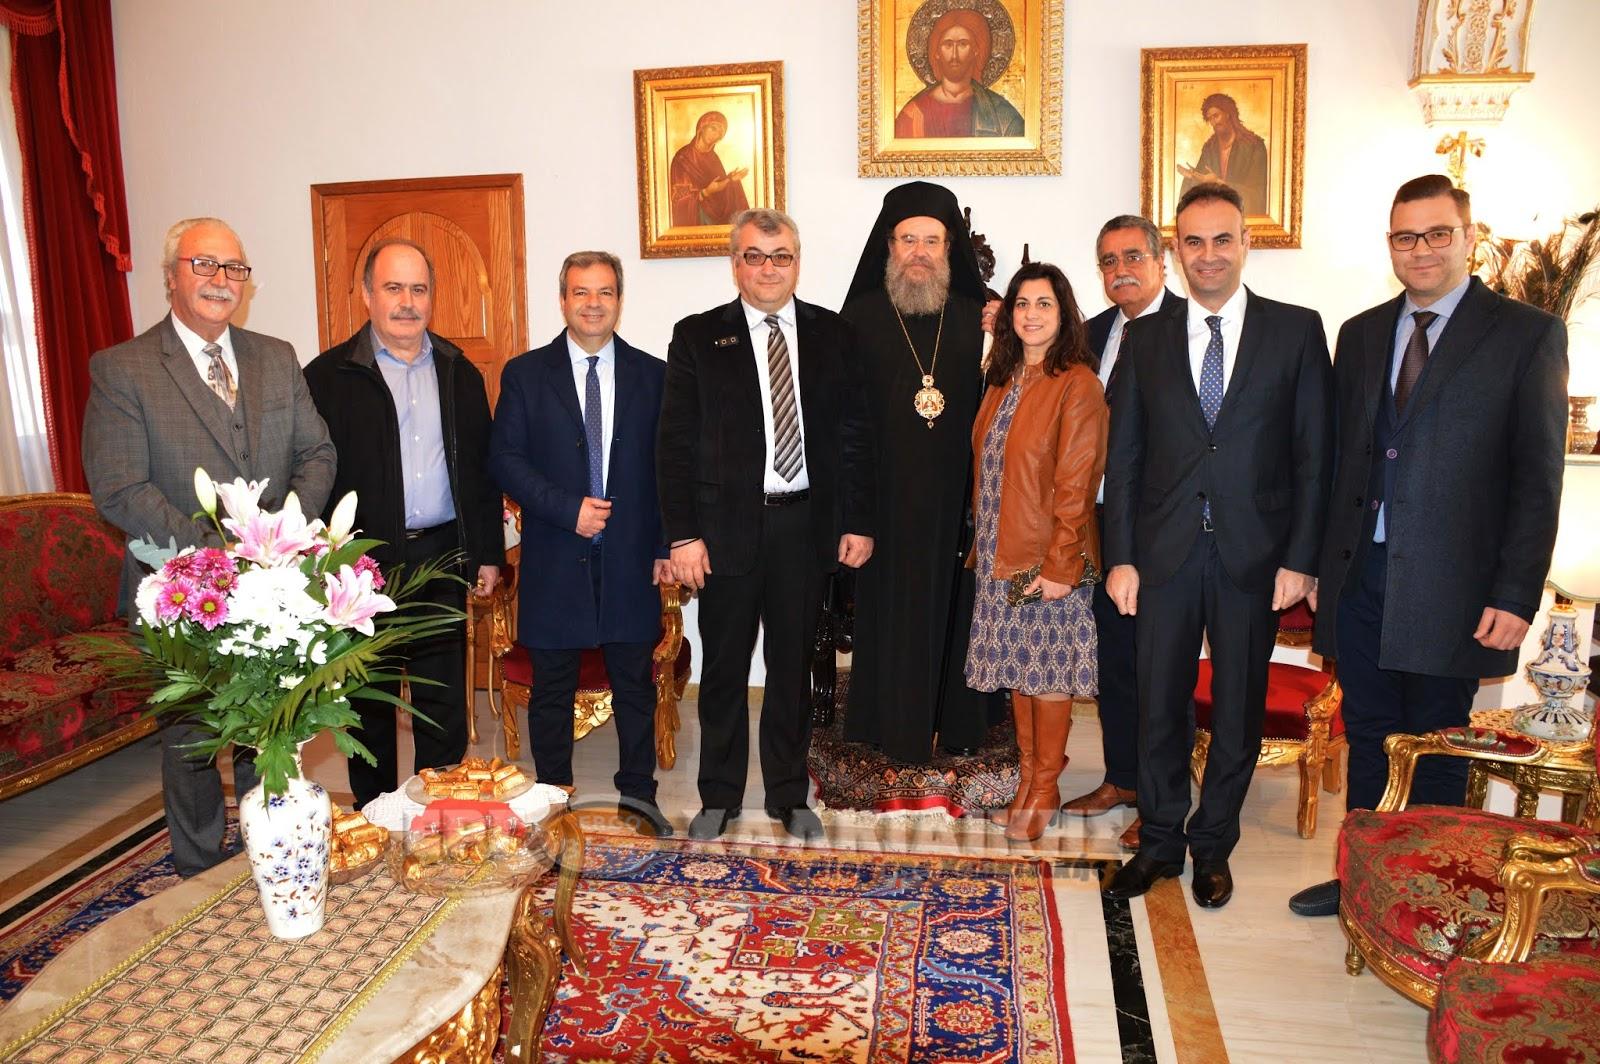 Τα Ονομαστήρια του Μητροπολίτου Ιερισσού, Αγίου Όρους και Αρδαμερίου κ.κ. Θεόκλητου (φώτο βίντεο)